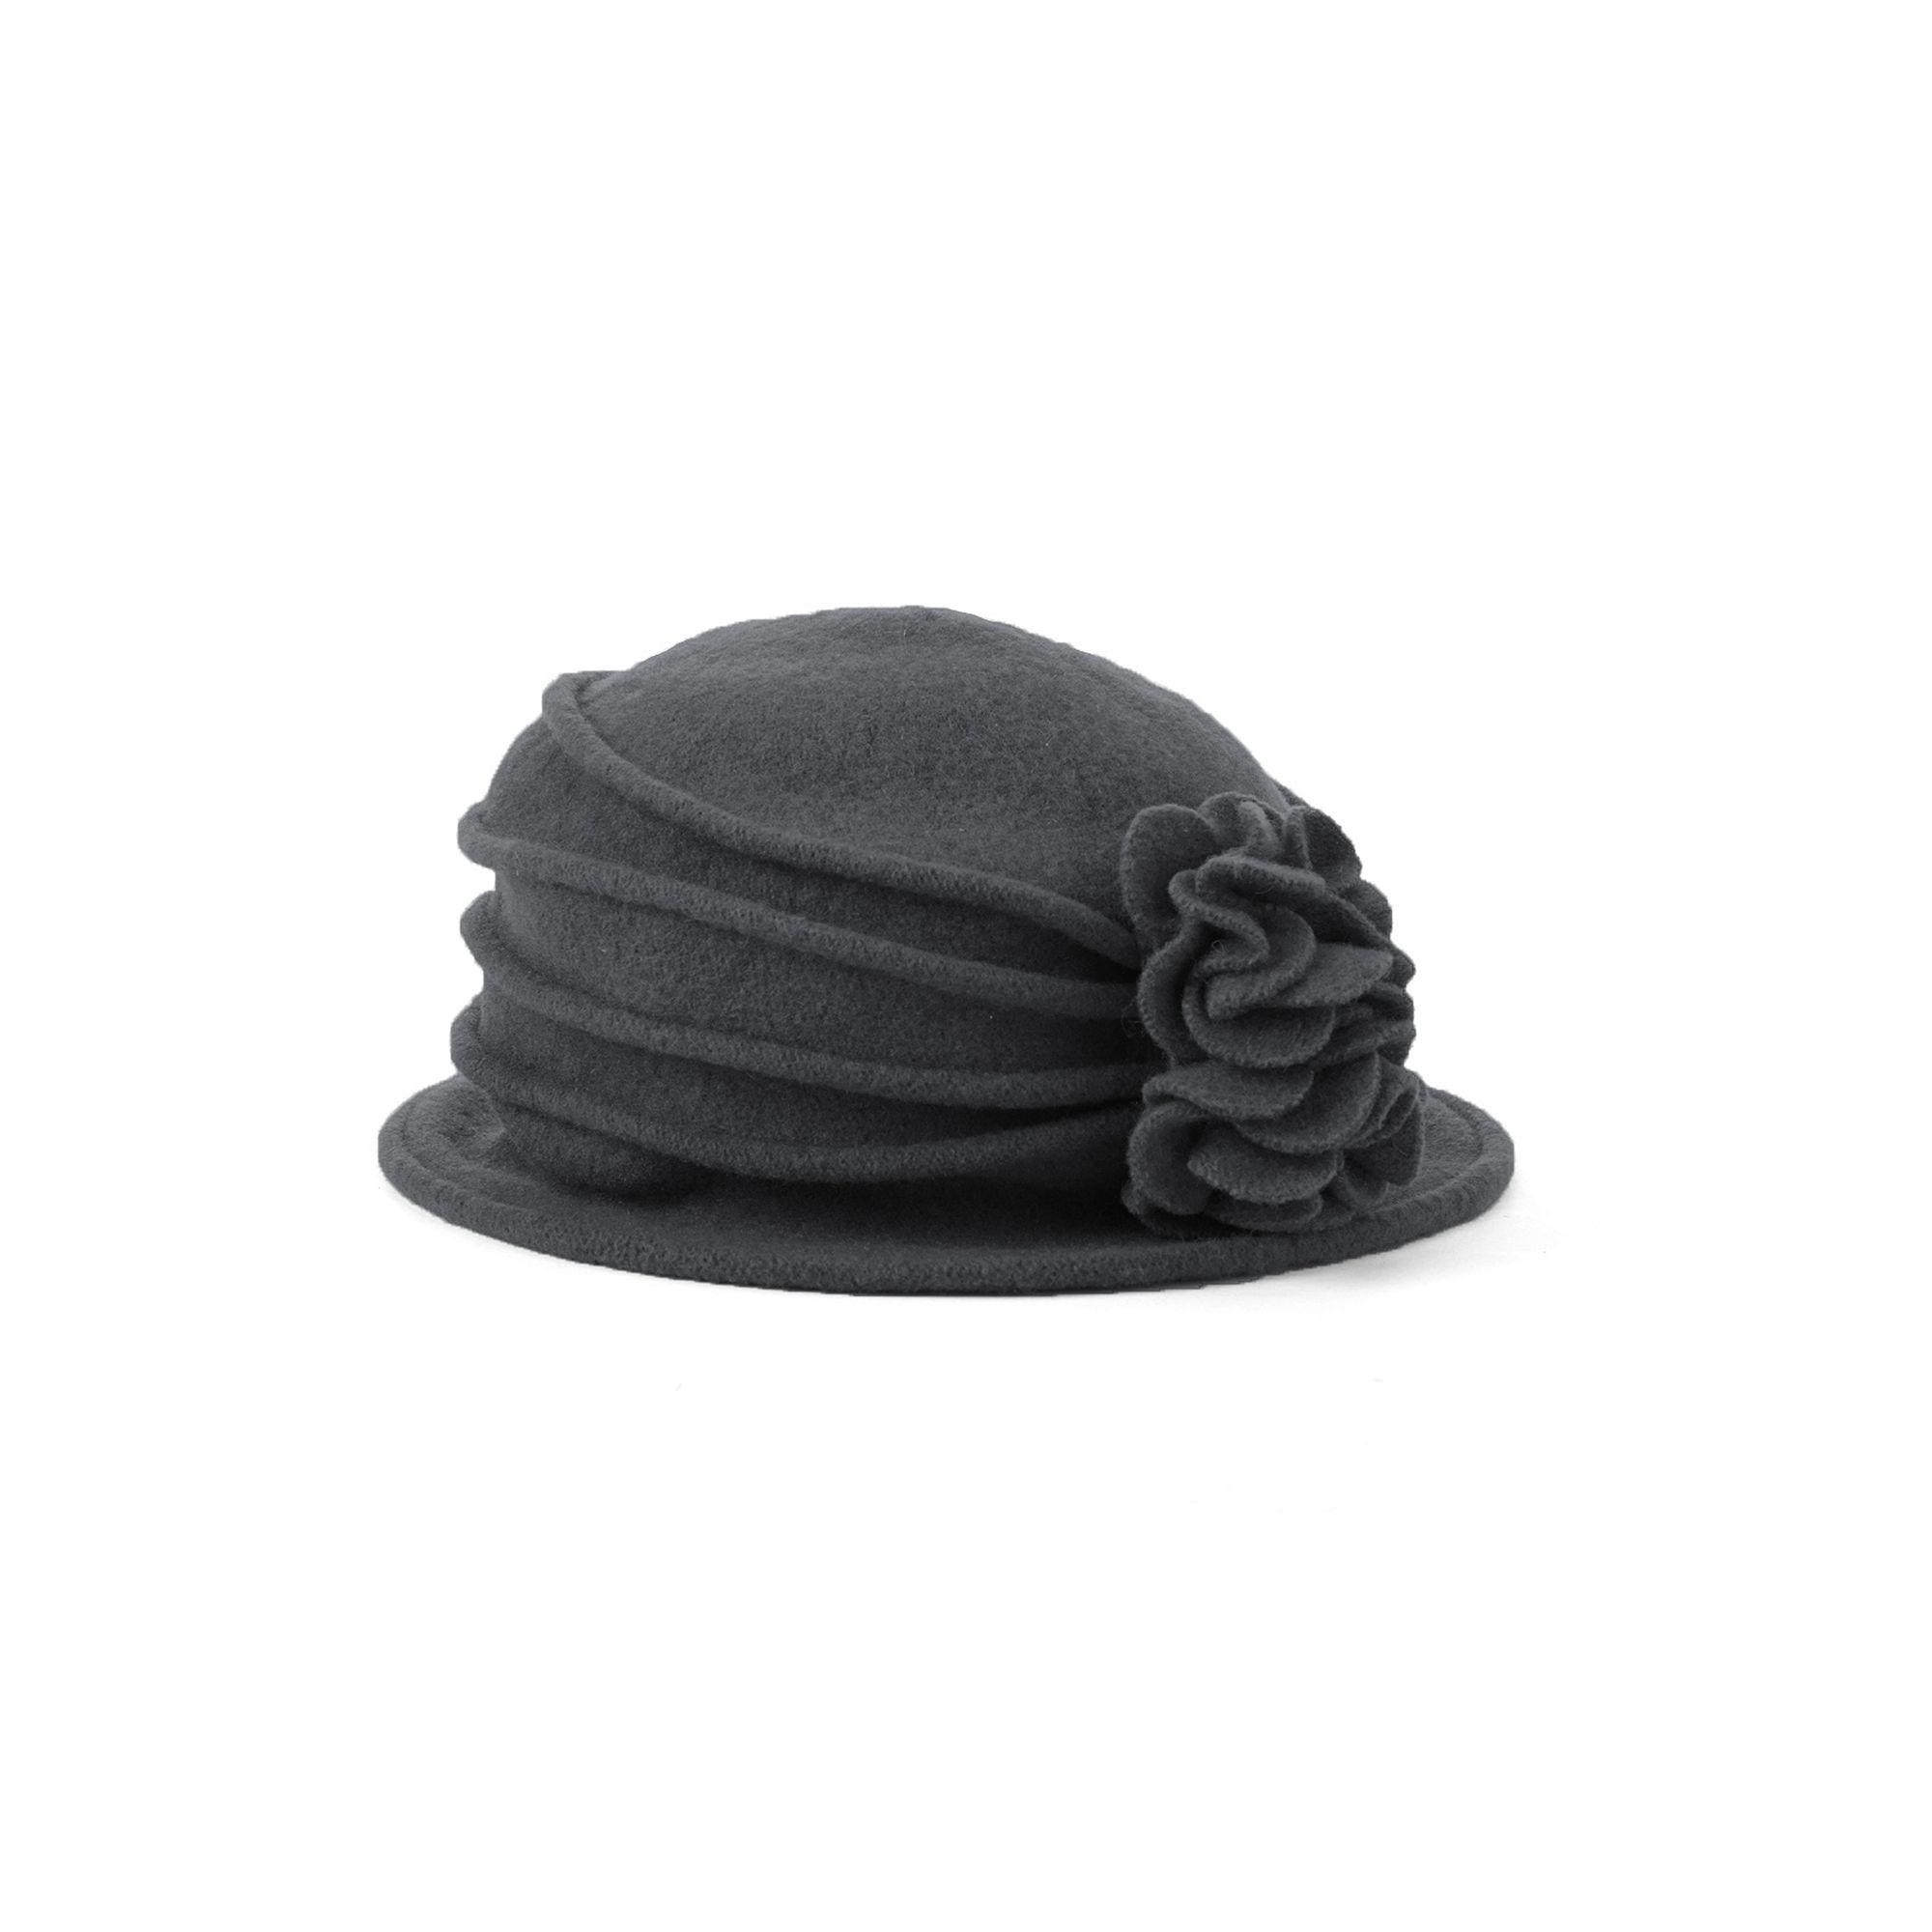 0a85be7799f Scala Knit Wool Flower Cloche Hat